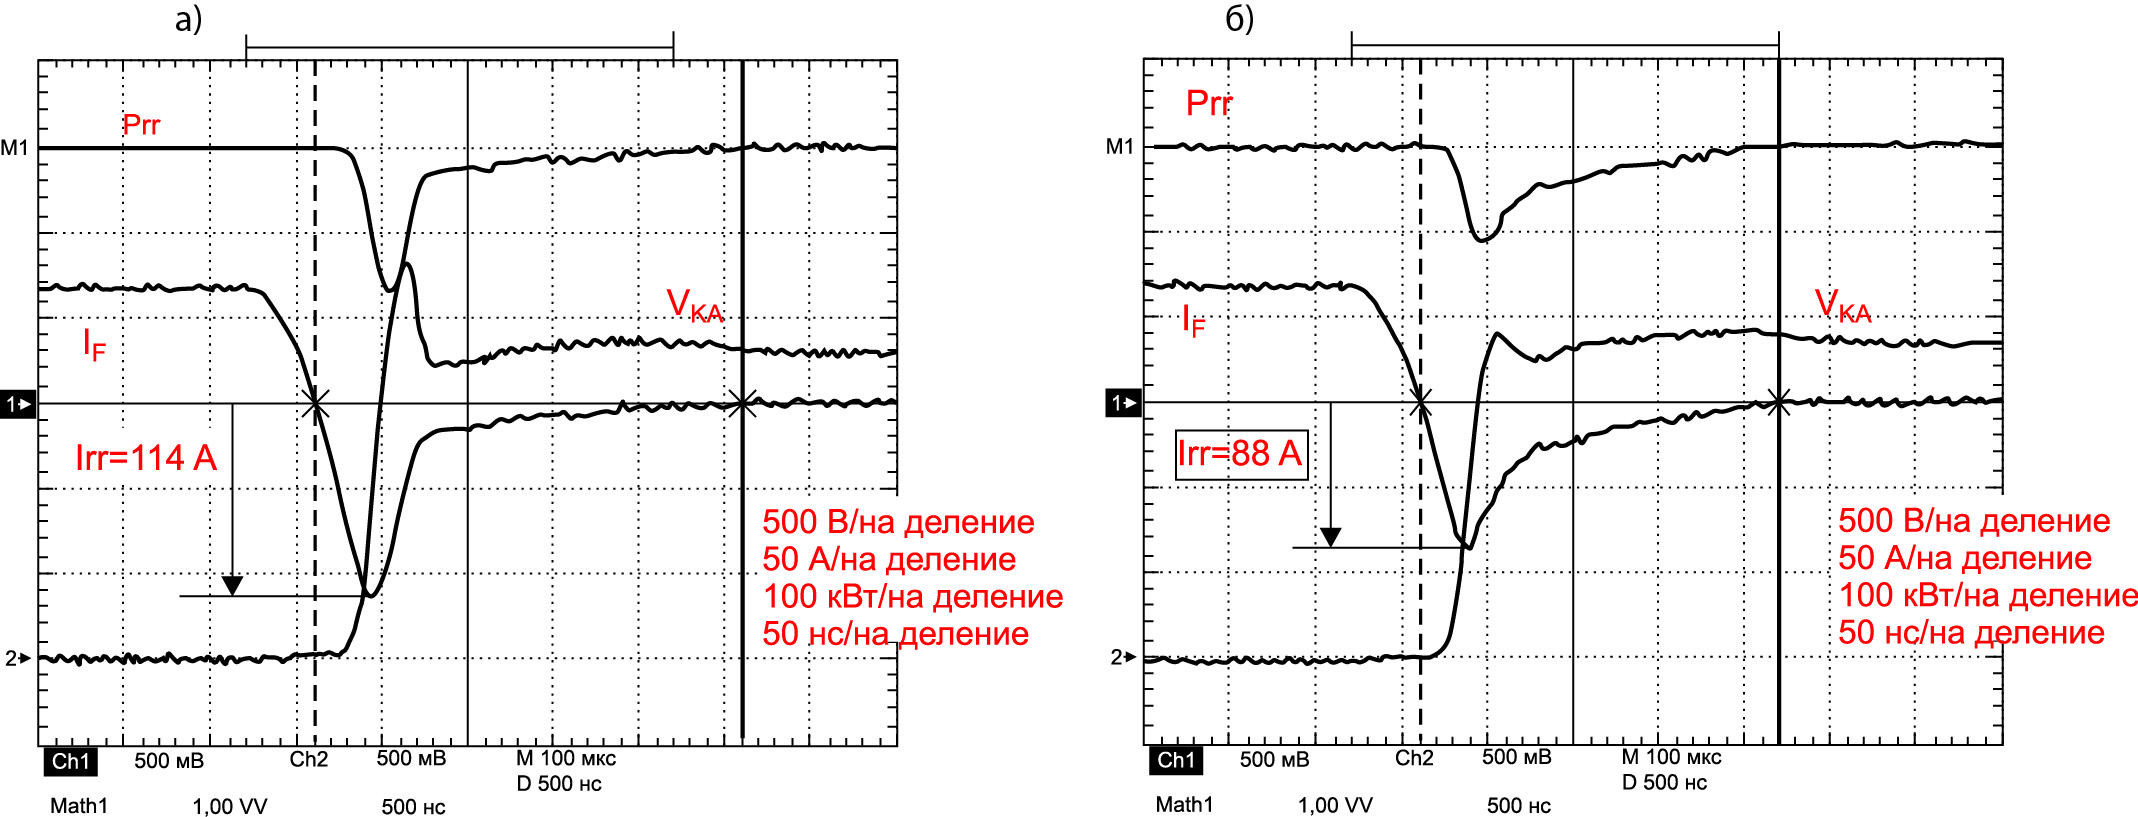 Сигнал обратного восстановления серии R, диод на 3,3 кВ